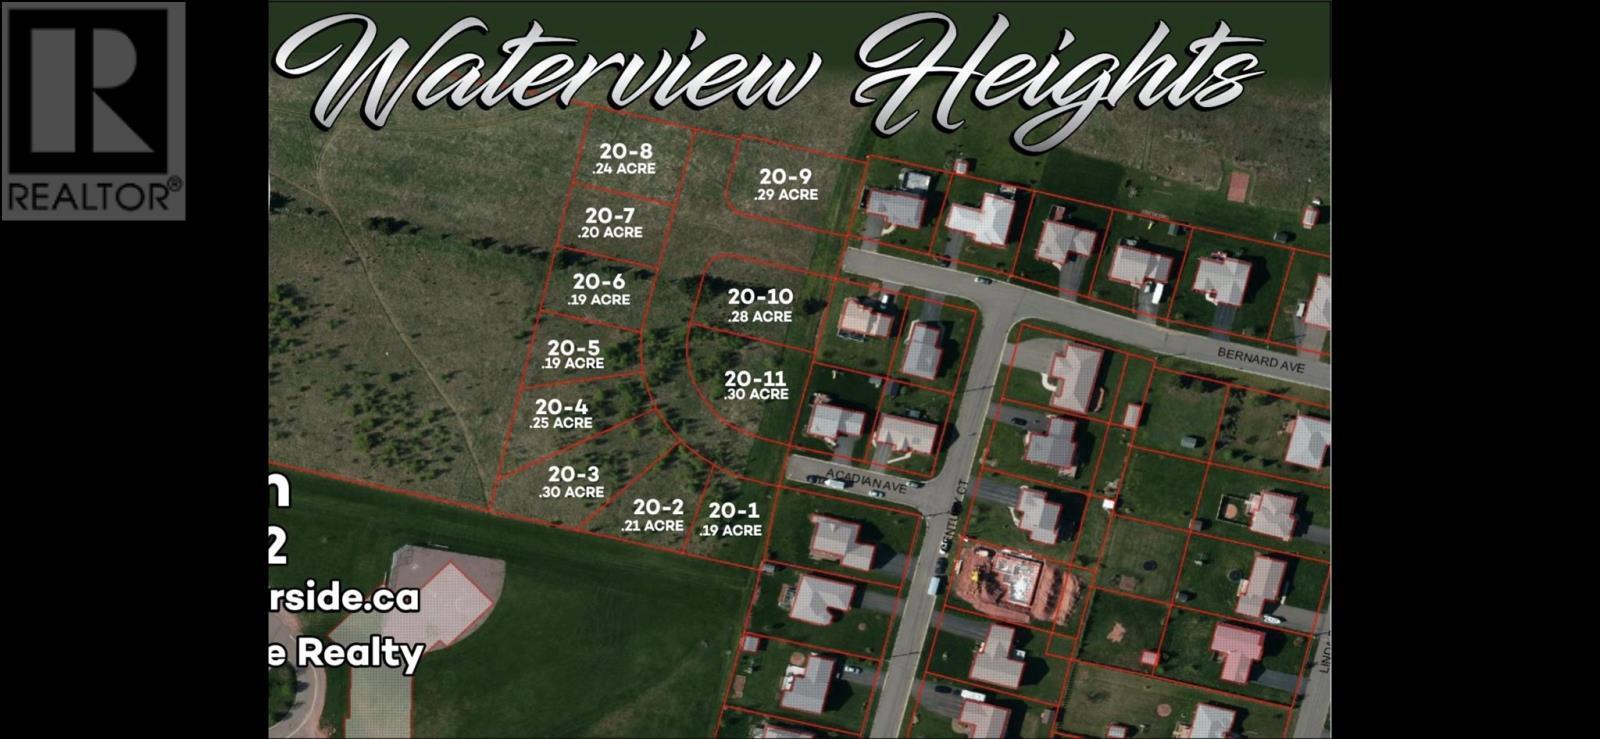 LOT 20-10 WATERVIEW HEIGHTS Summerside